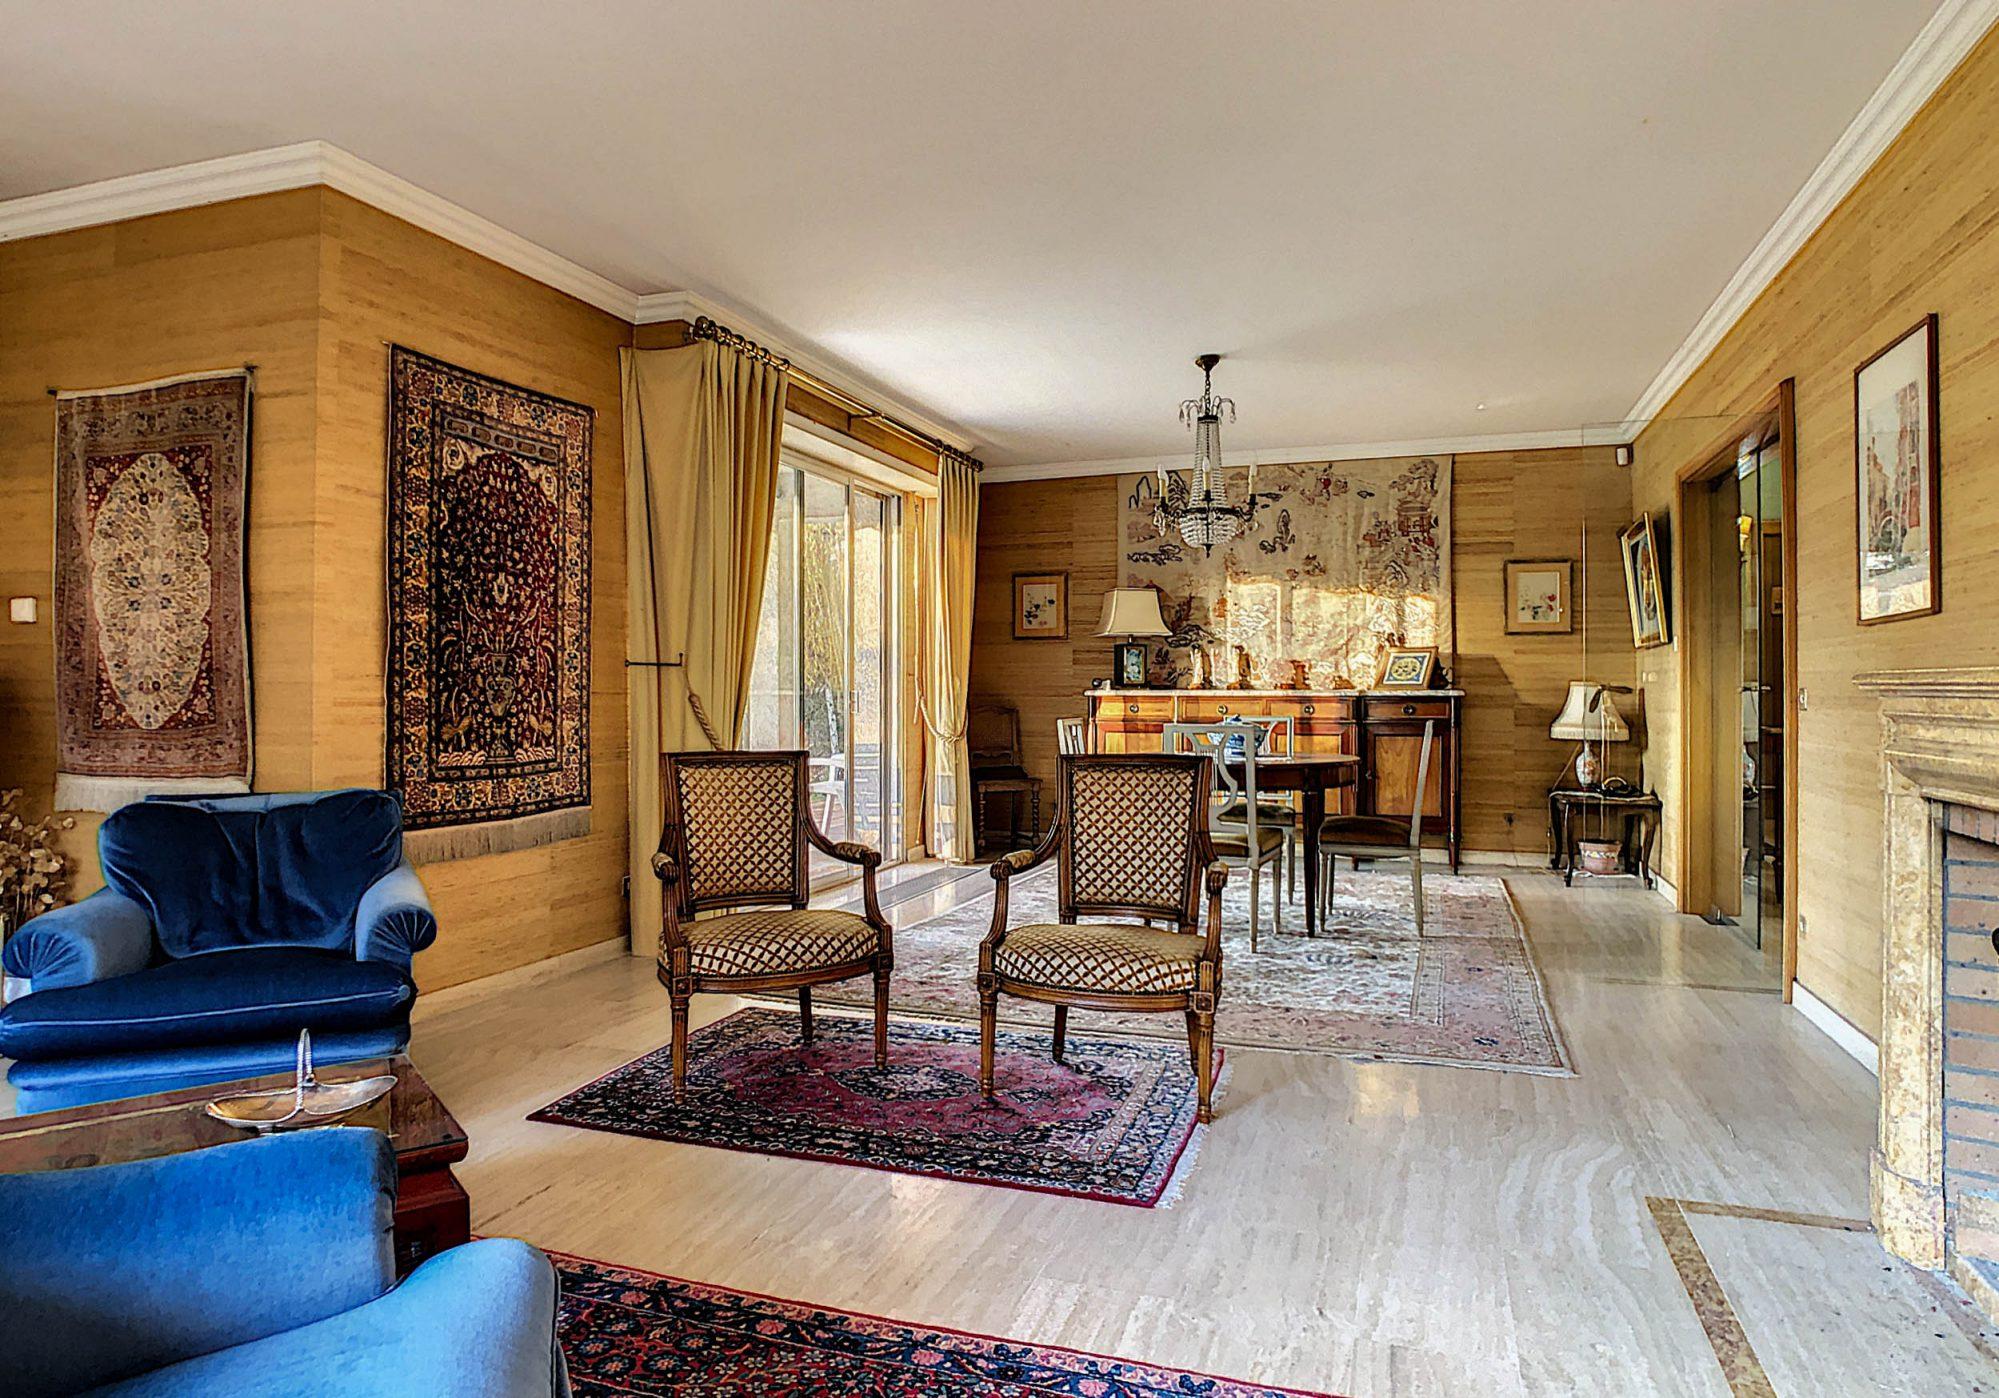 Maison individuelle 8 pièces de 250m2 à Illkirch-Graffenstaden - Devenez propriétaire en toute confiance - Bintz Immobilier - 6